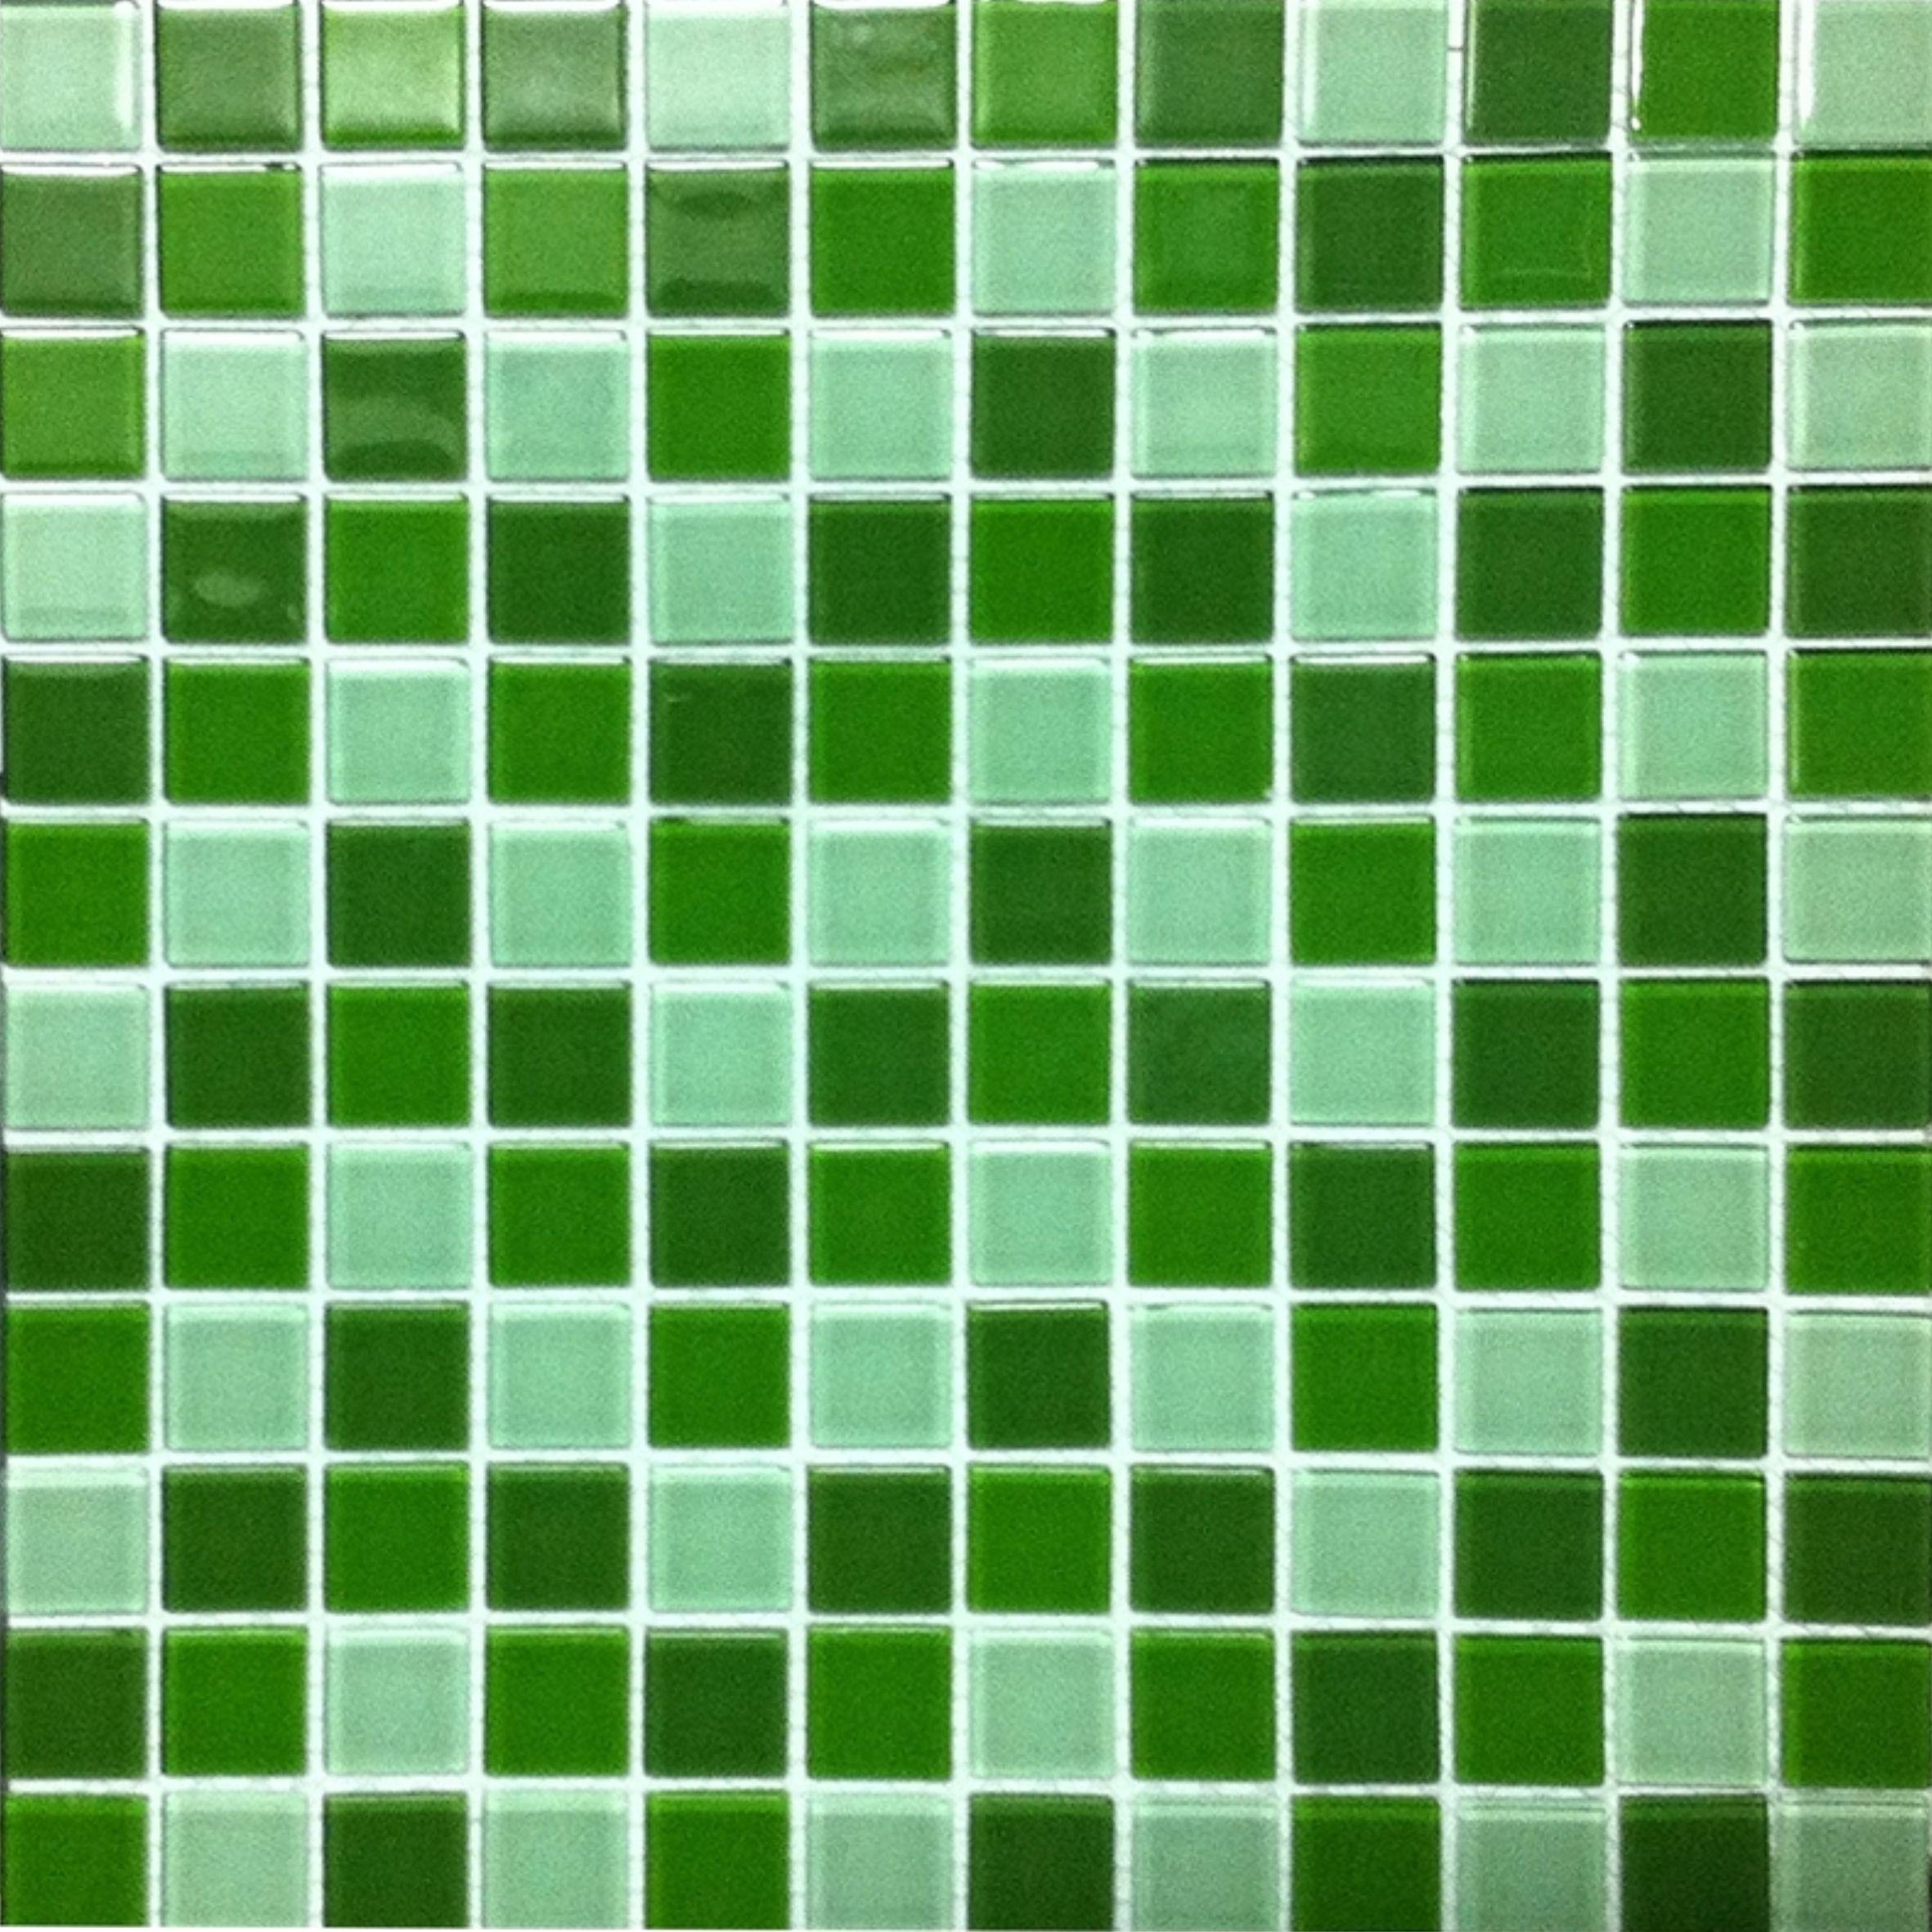 Imagens de #1D4D0C Cozinha Com Pastilhas Verdes Pictures to pin on Pinterest 2362x2362 px 3596 Banheiros Verdes Fotos